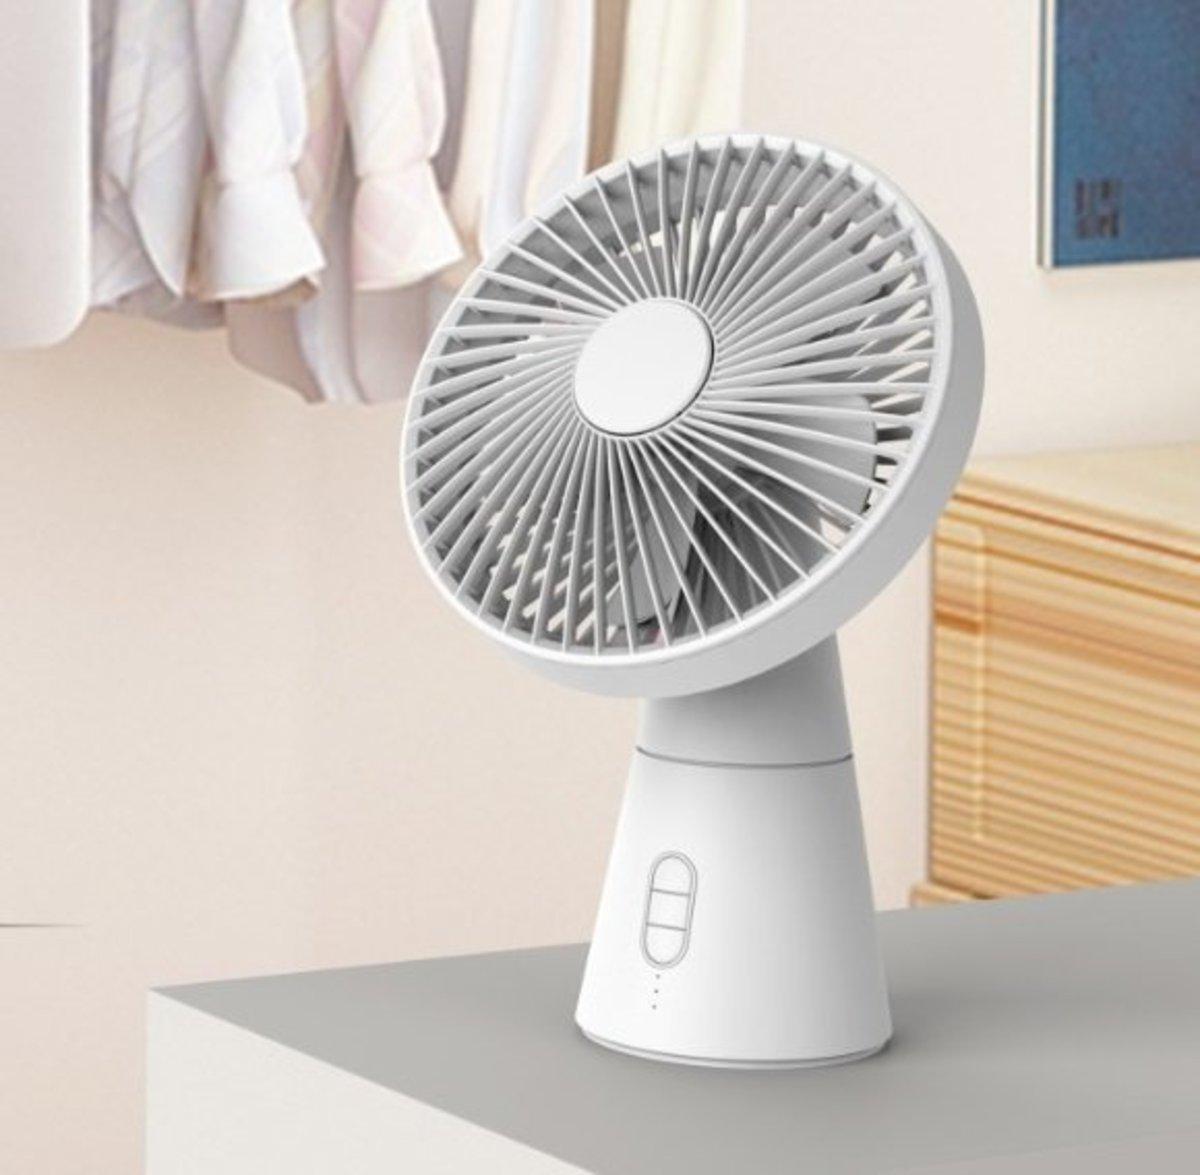 Desk Fan 無缐座枱 香薰枱燈 風扇 - 白色 (801-462)